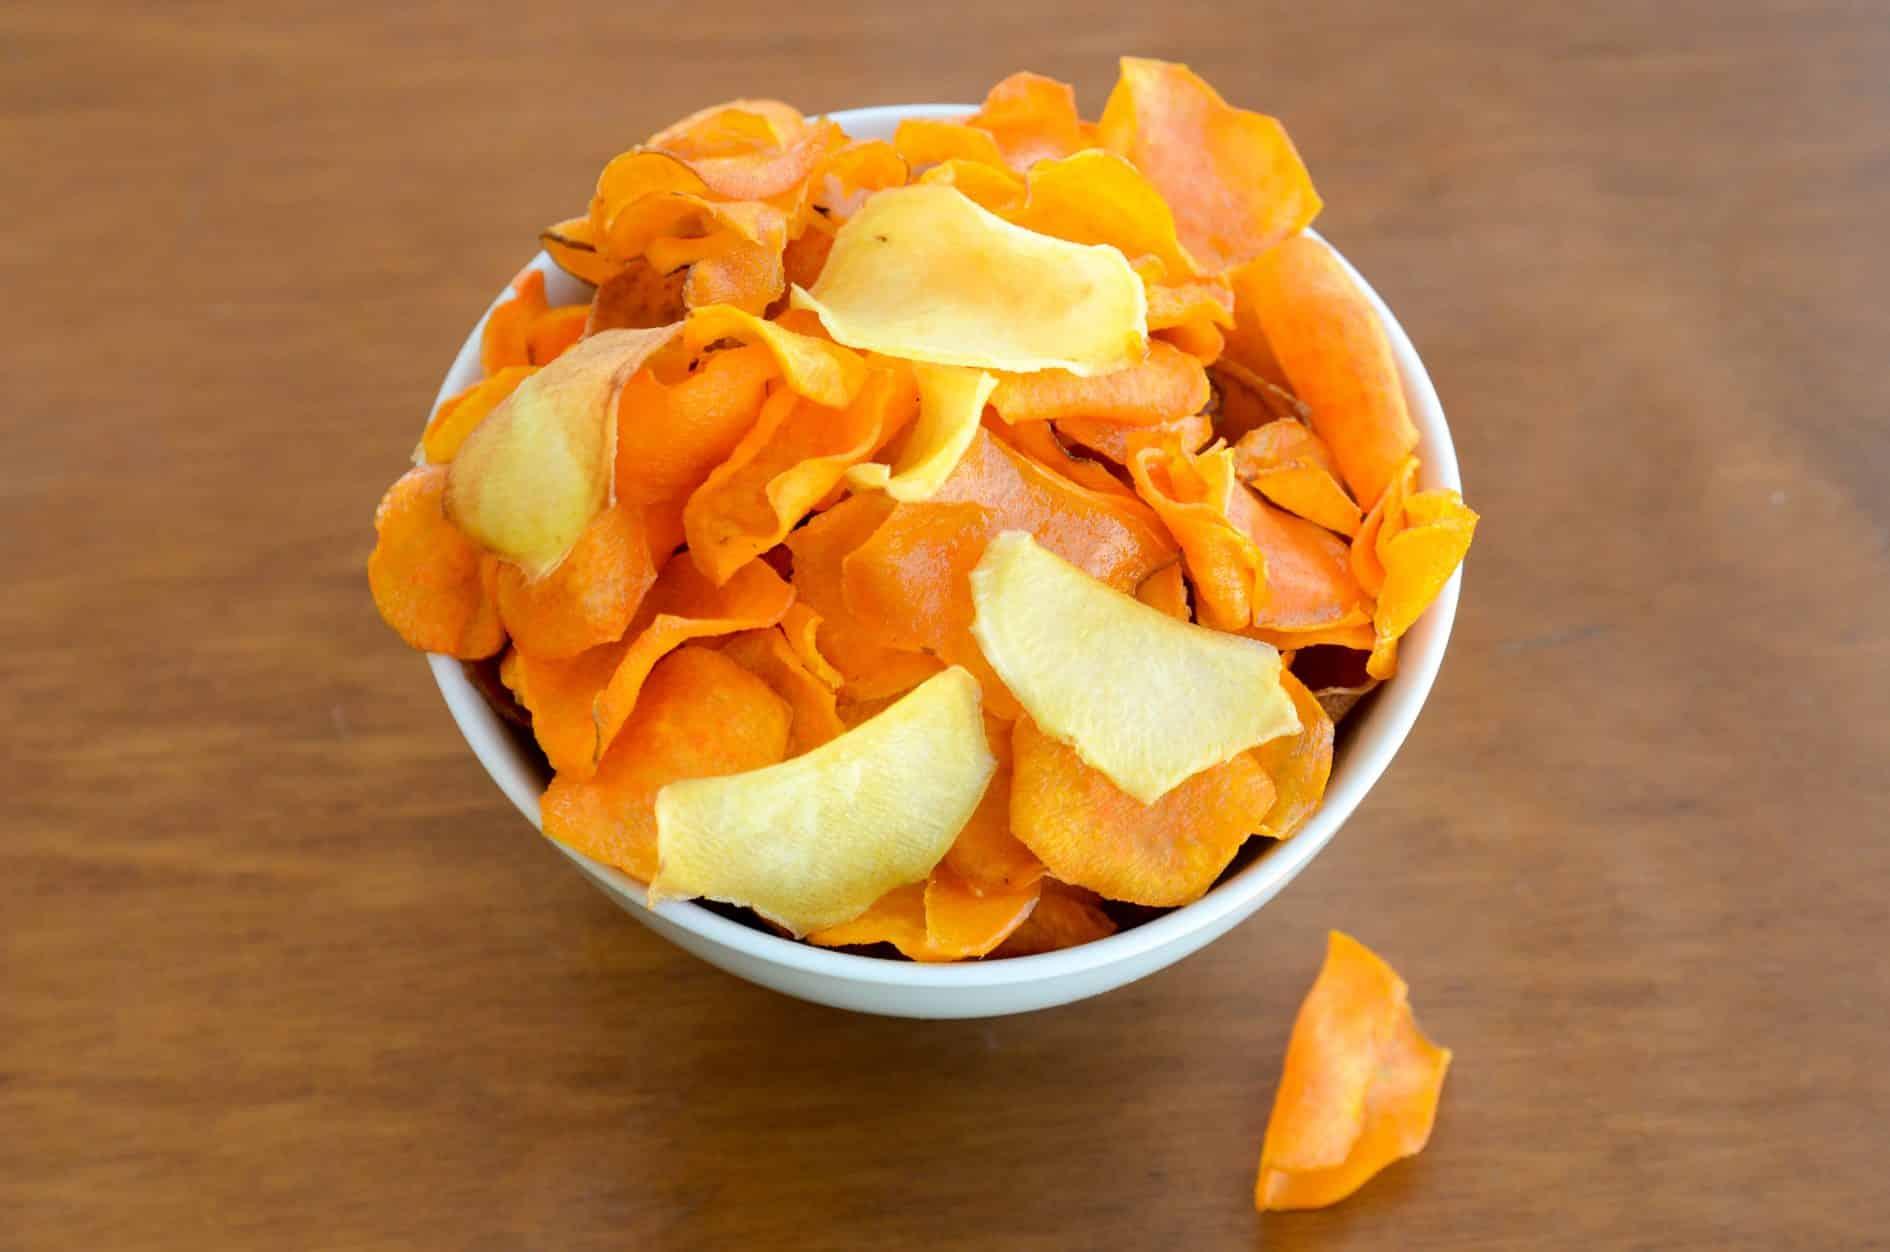 receita de batata doce chips frito